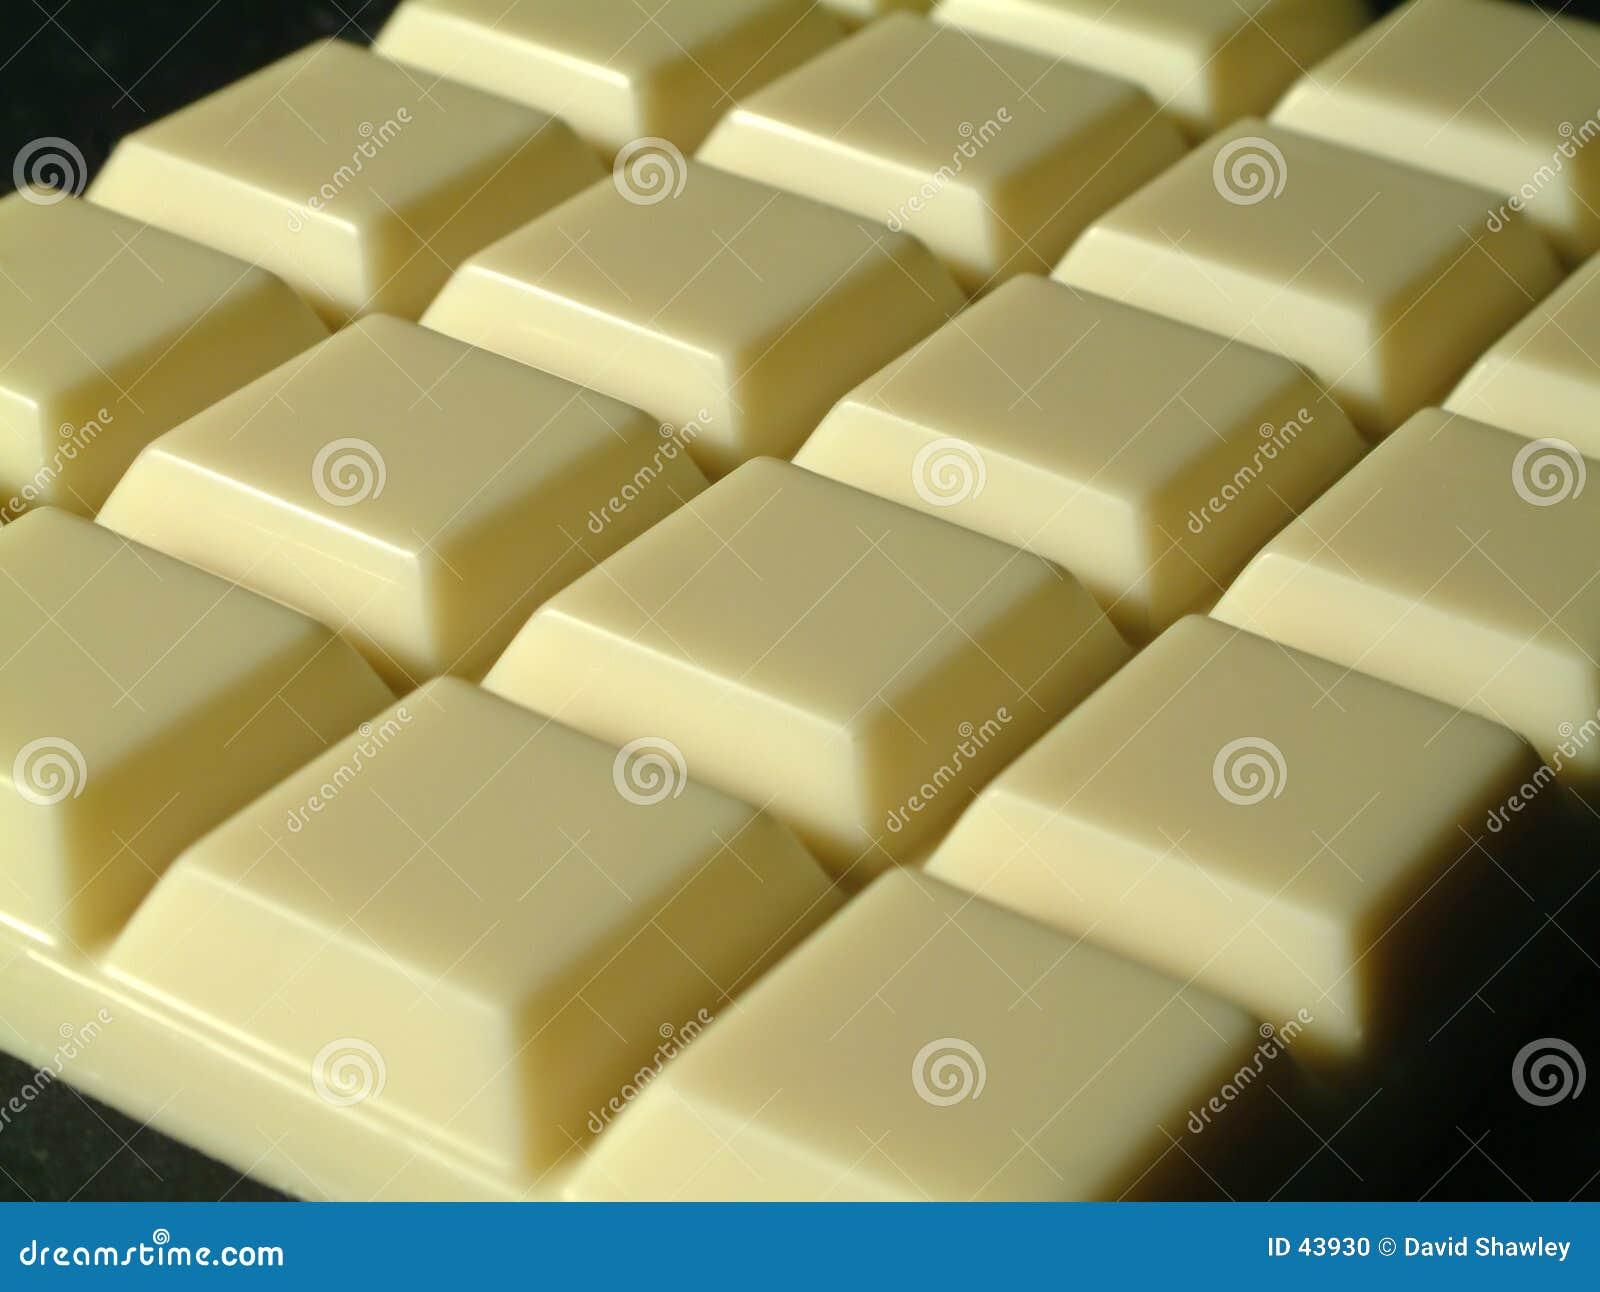 Chocolat white